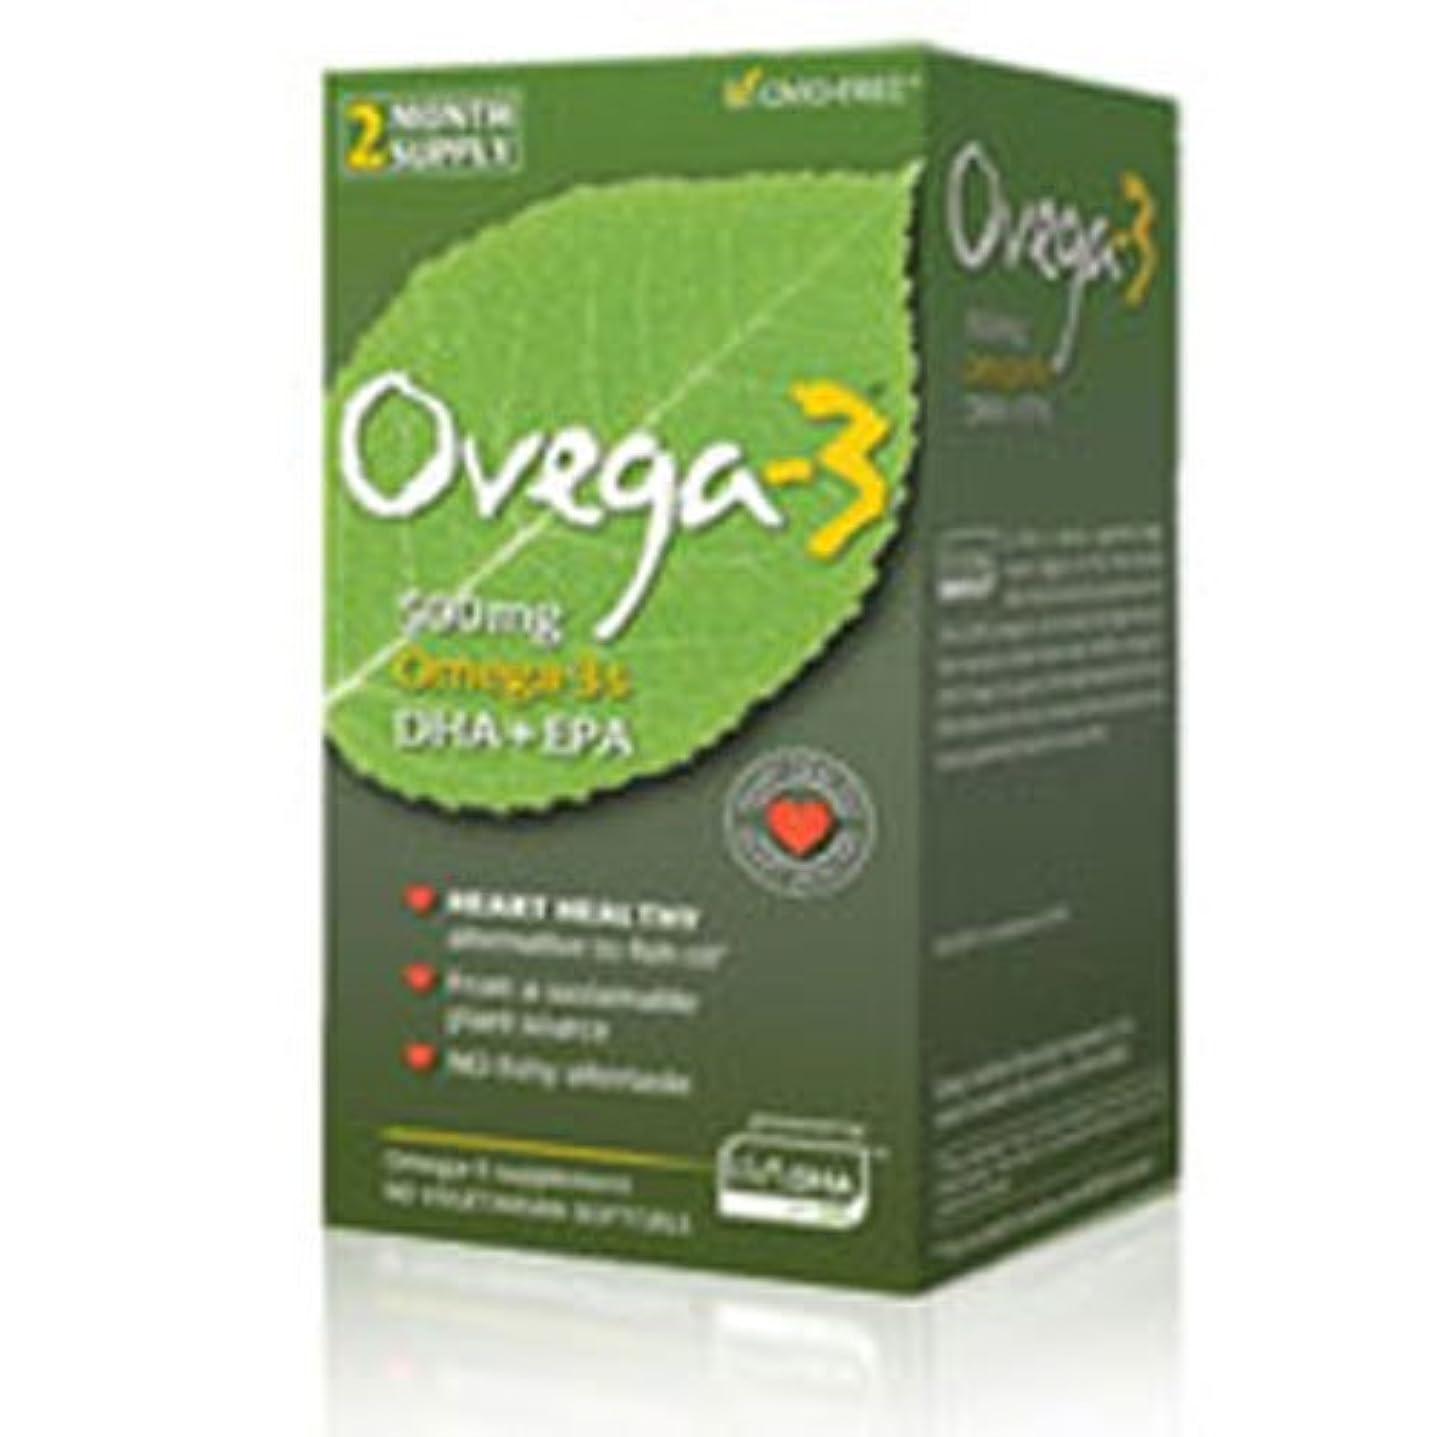 ラバ衝突ライトニング海外直送品Amerifit Nutrition Ovega-3 DHA EPA Vegetarian, 60 Softgels (Pack of 4)